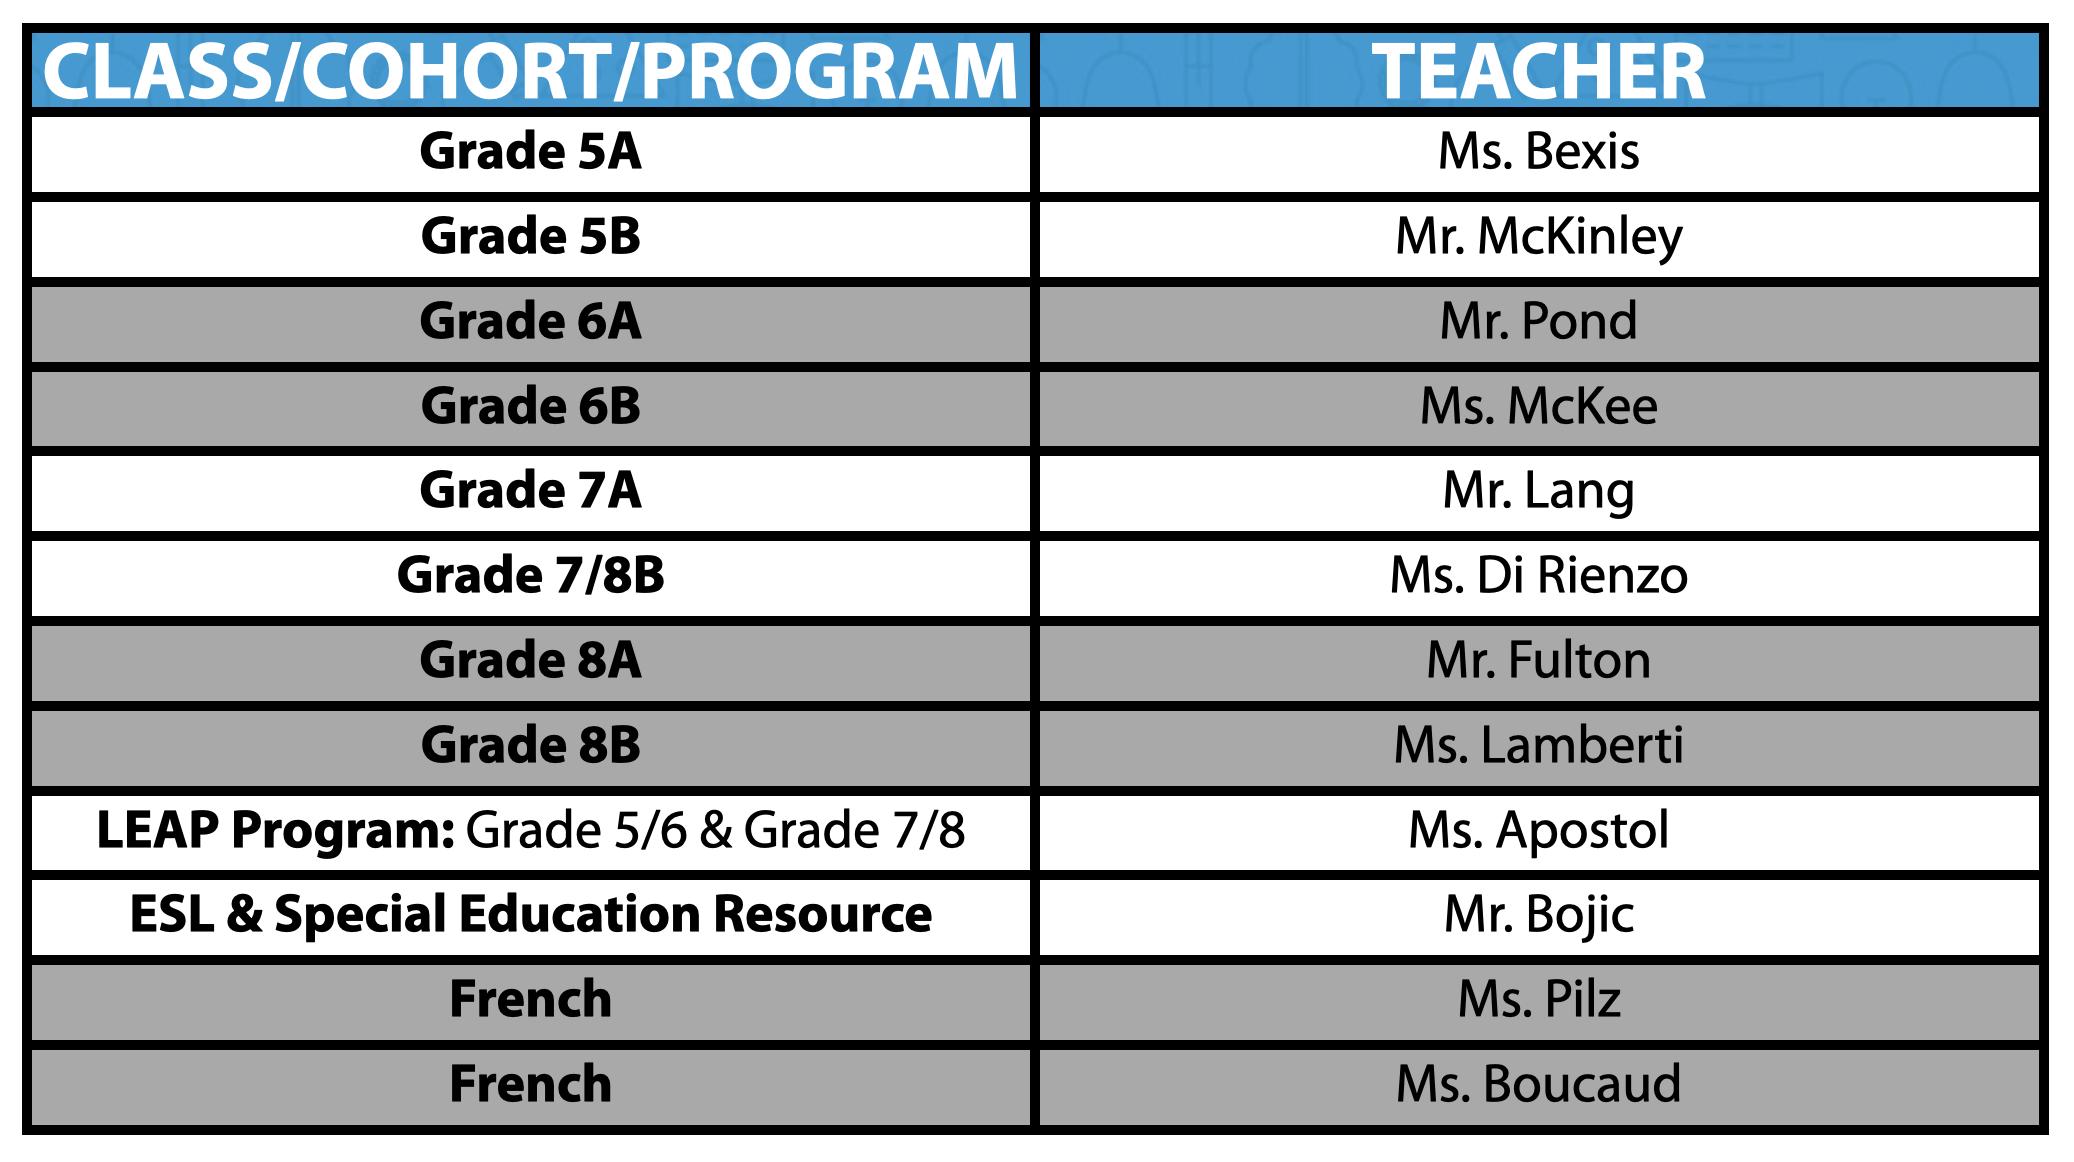 Teacher List